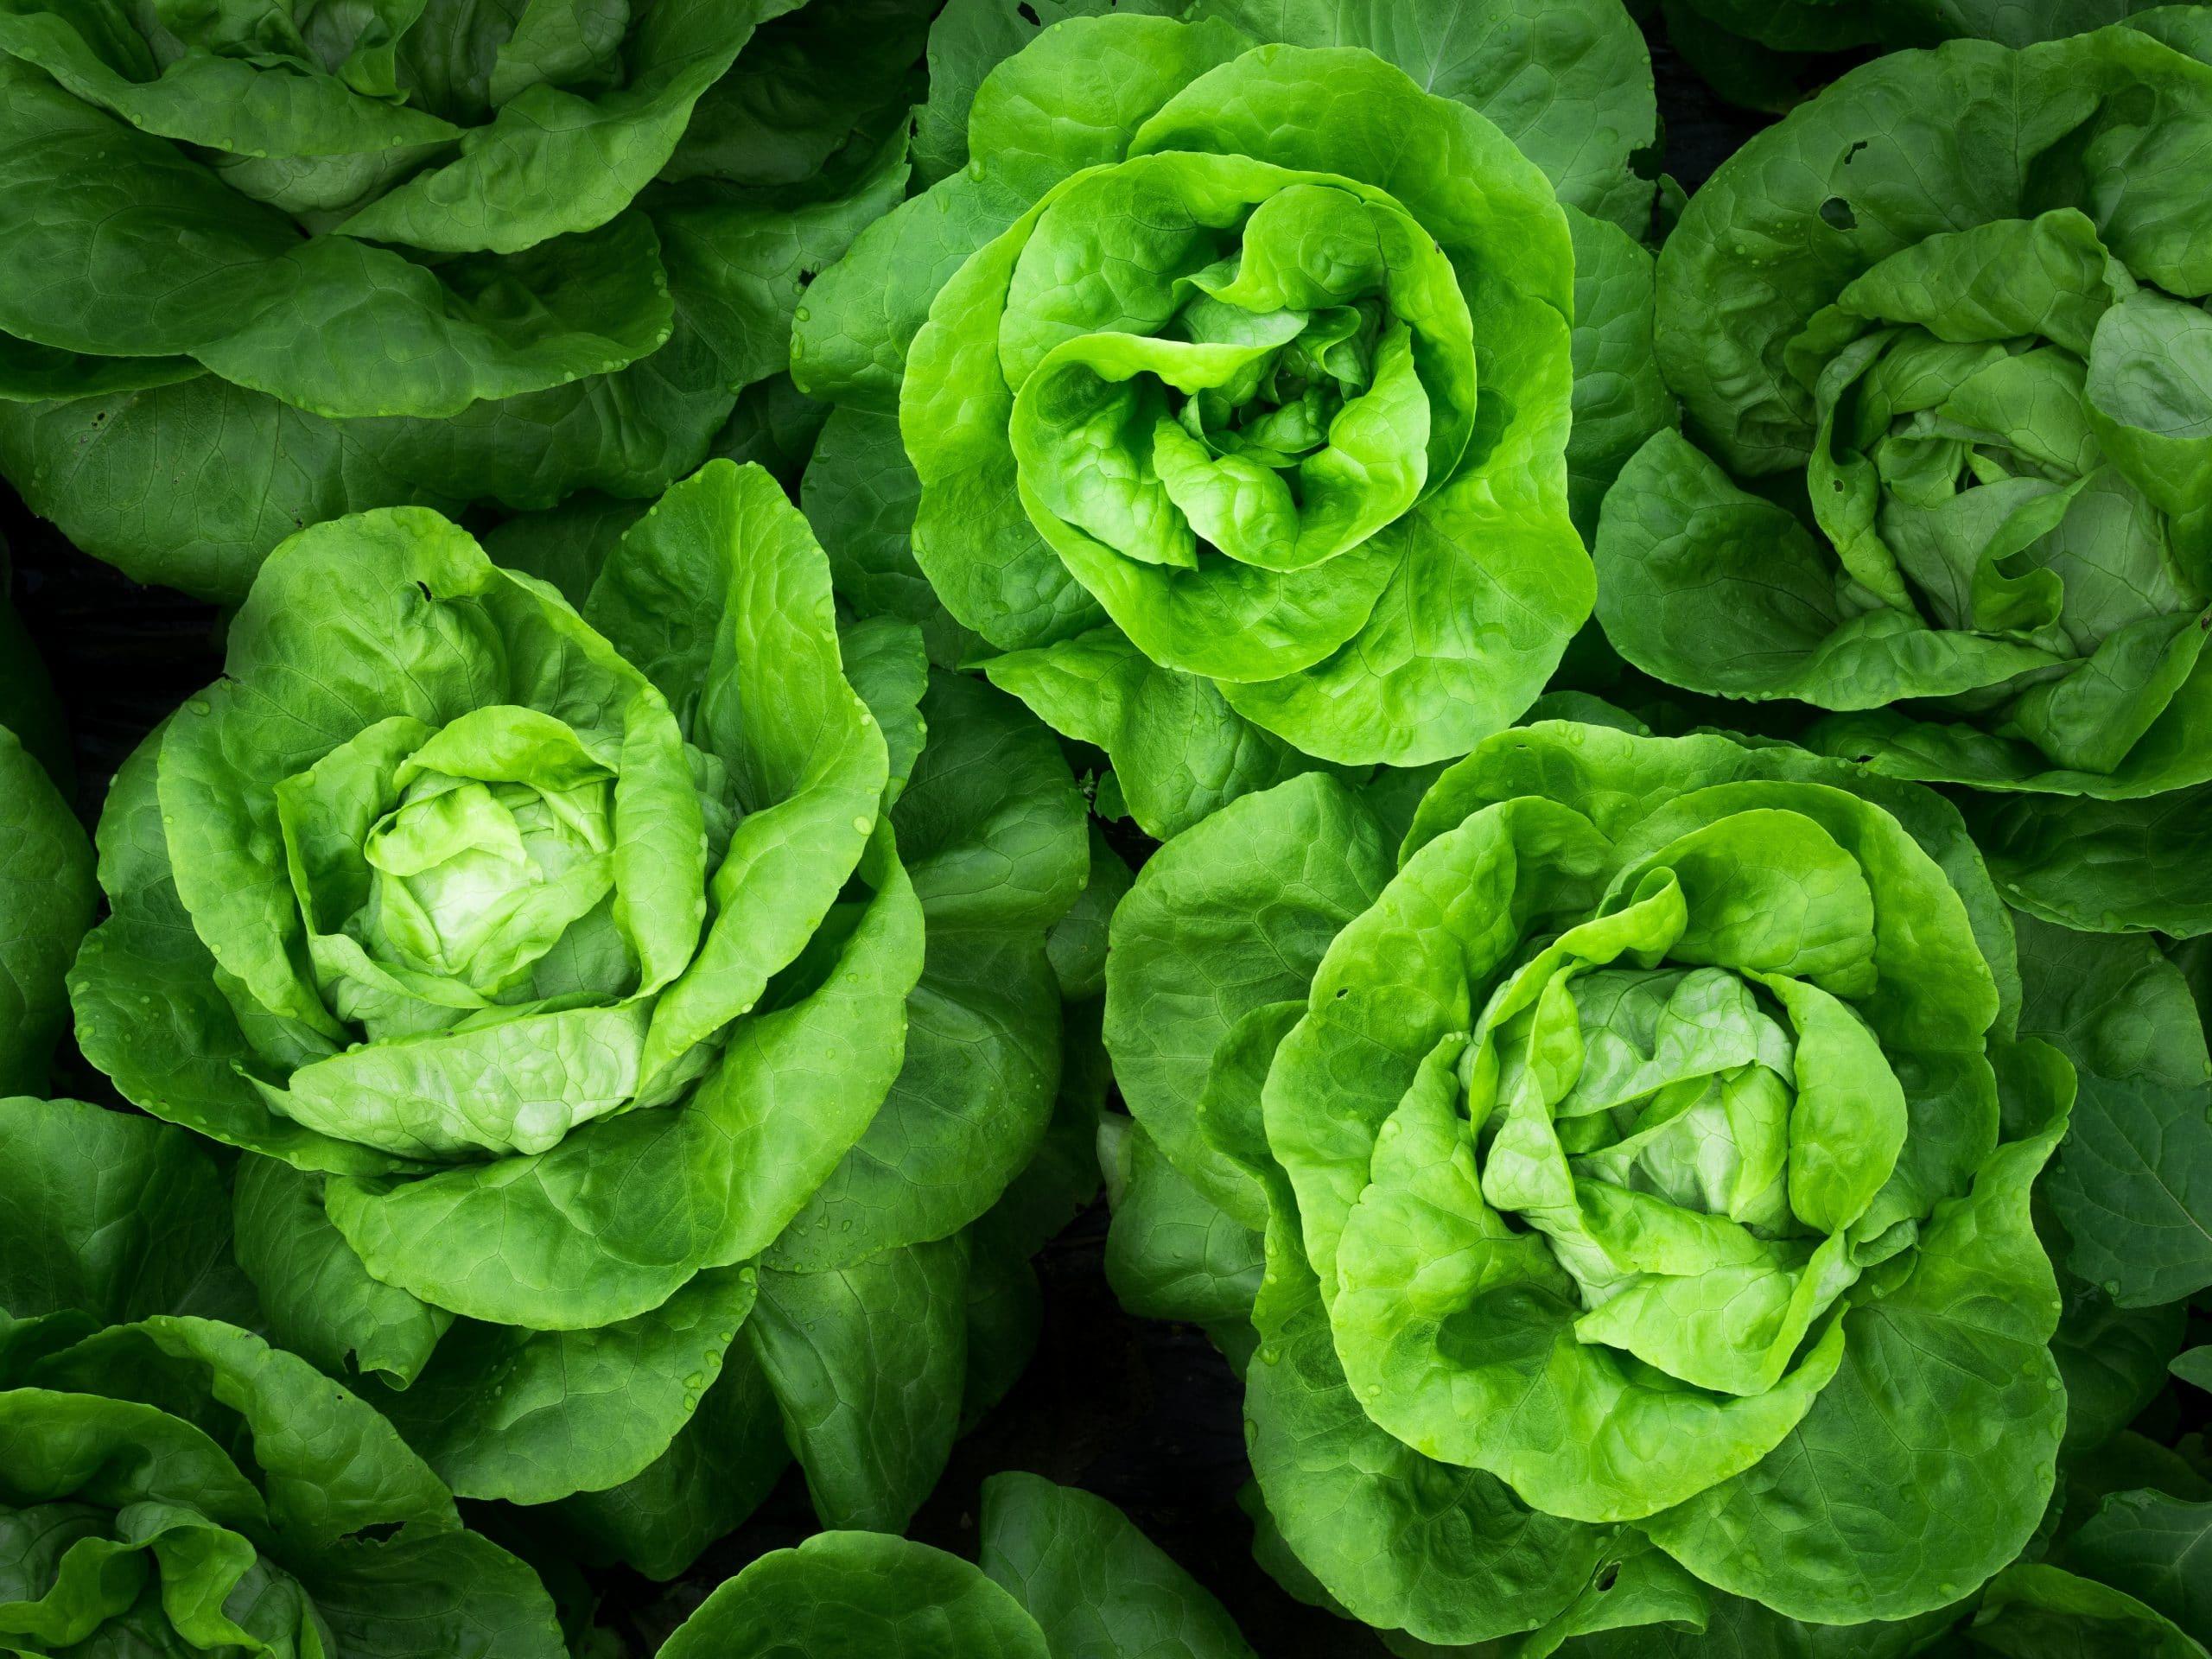 Les légumes verts et la diète cétogène